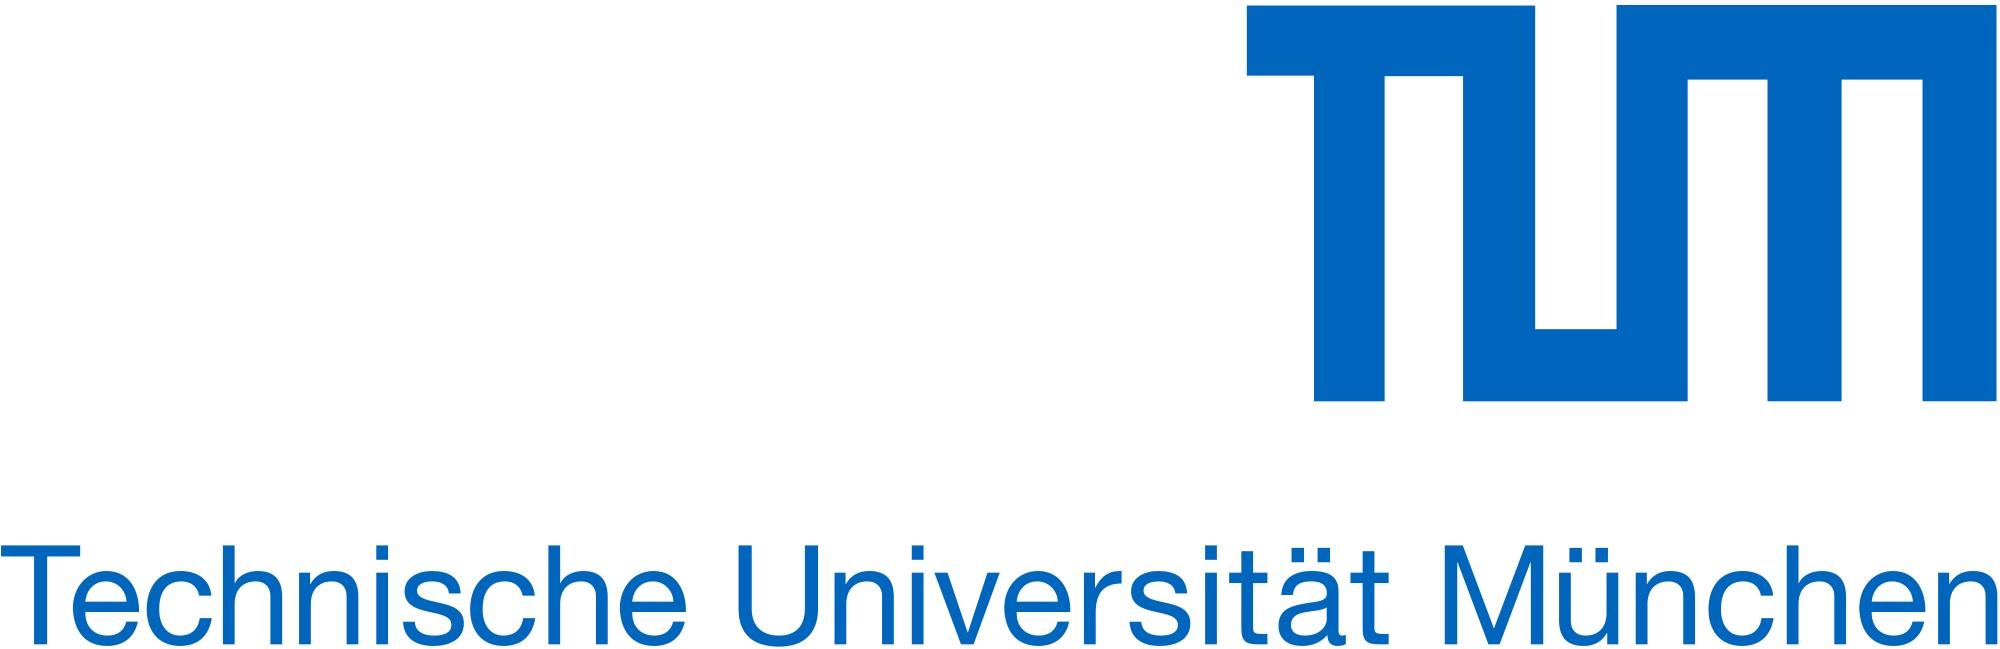 Logo Technische Universität Muenchen